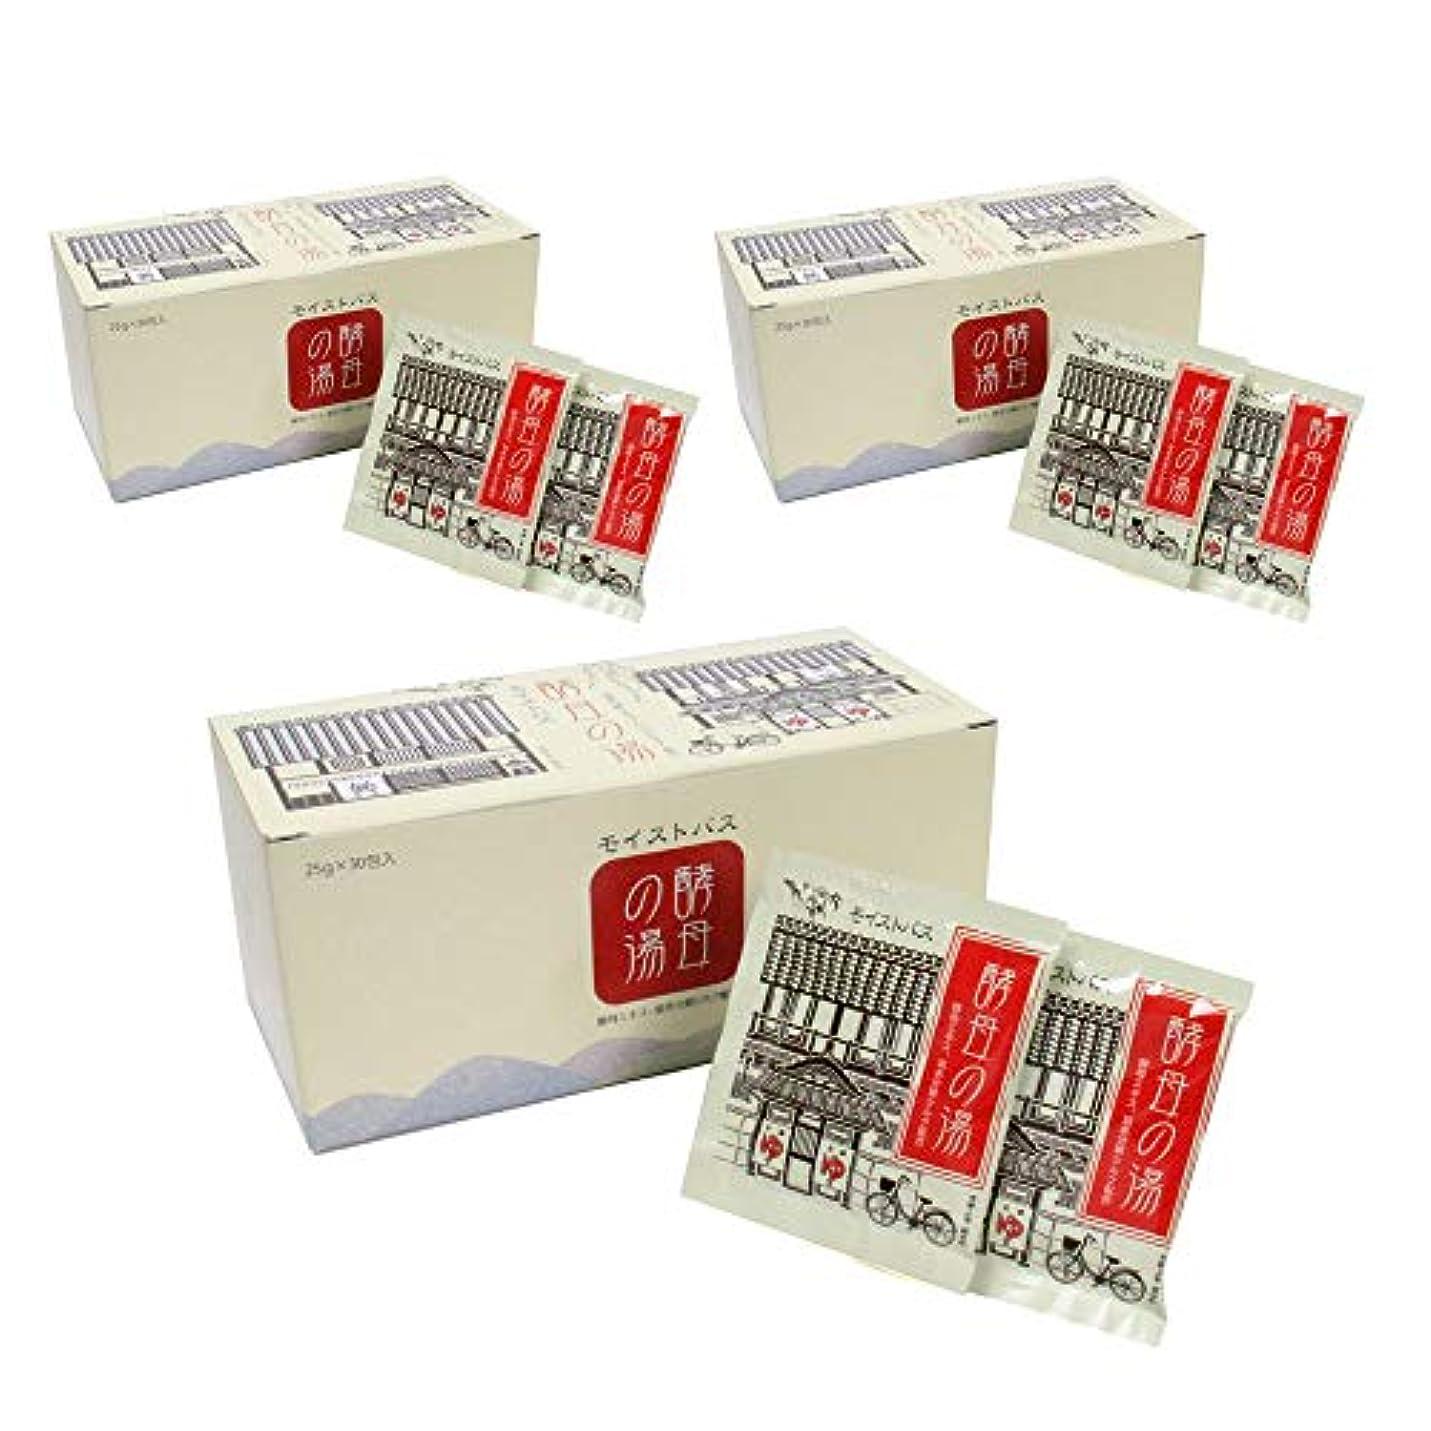 アミノン モイストバス 酵母の湯 25g×30包 (3箱セット)